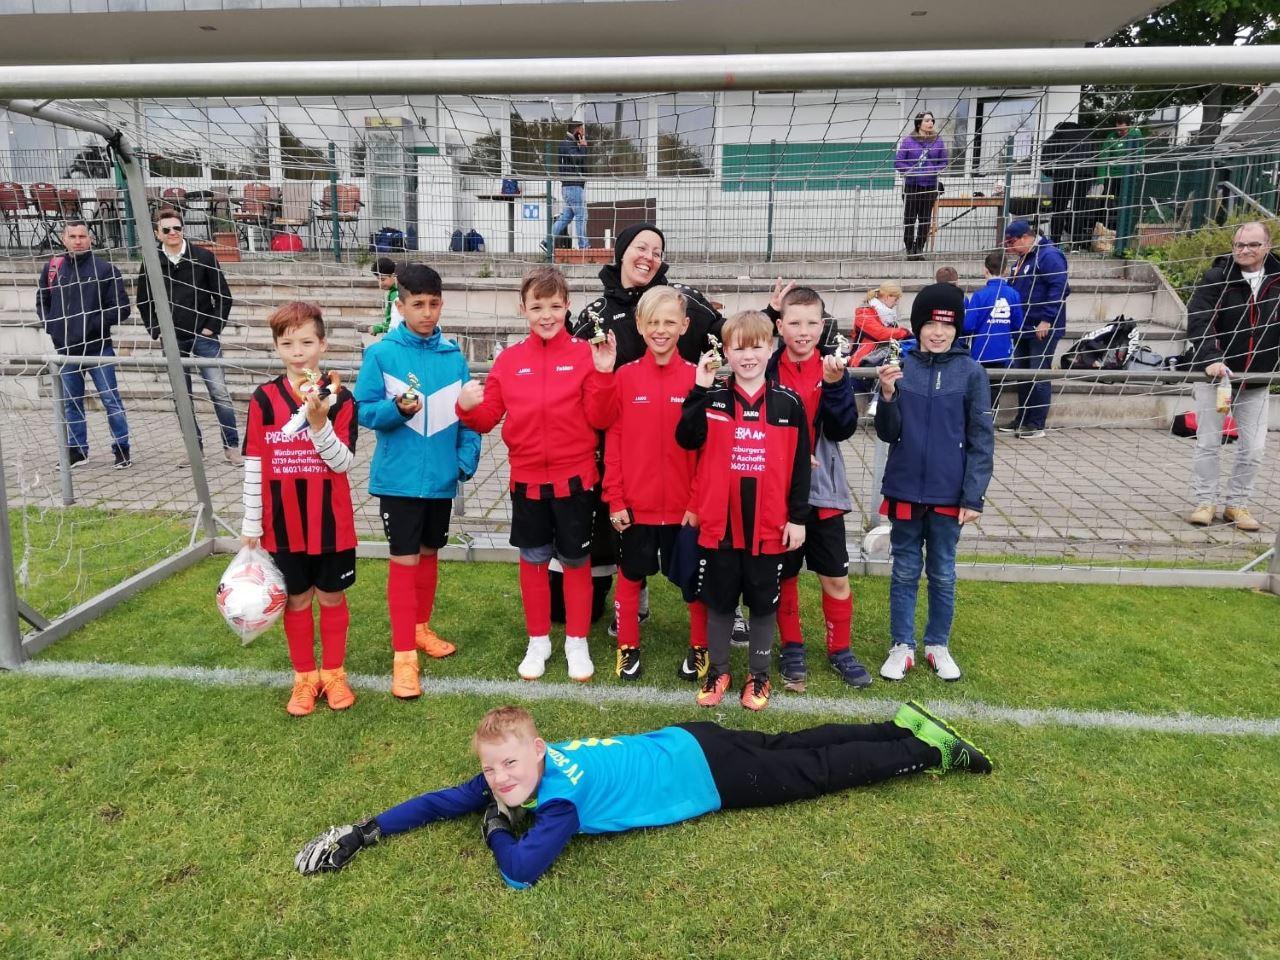 TV Schweinheim Fußball E-Jugend beim Oster-Cup Strietwald